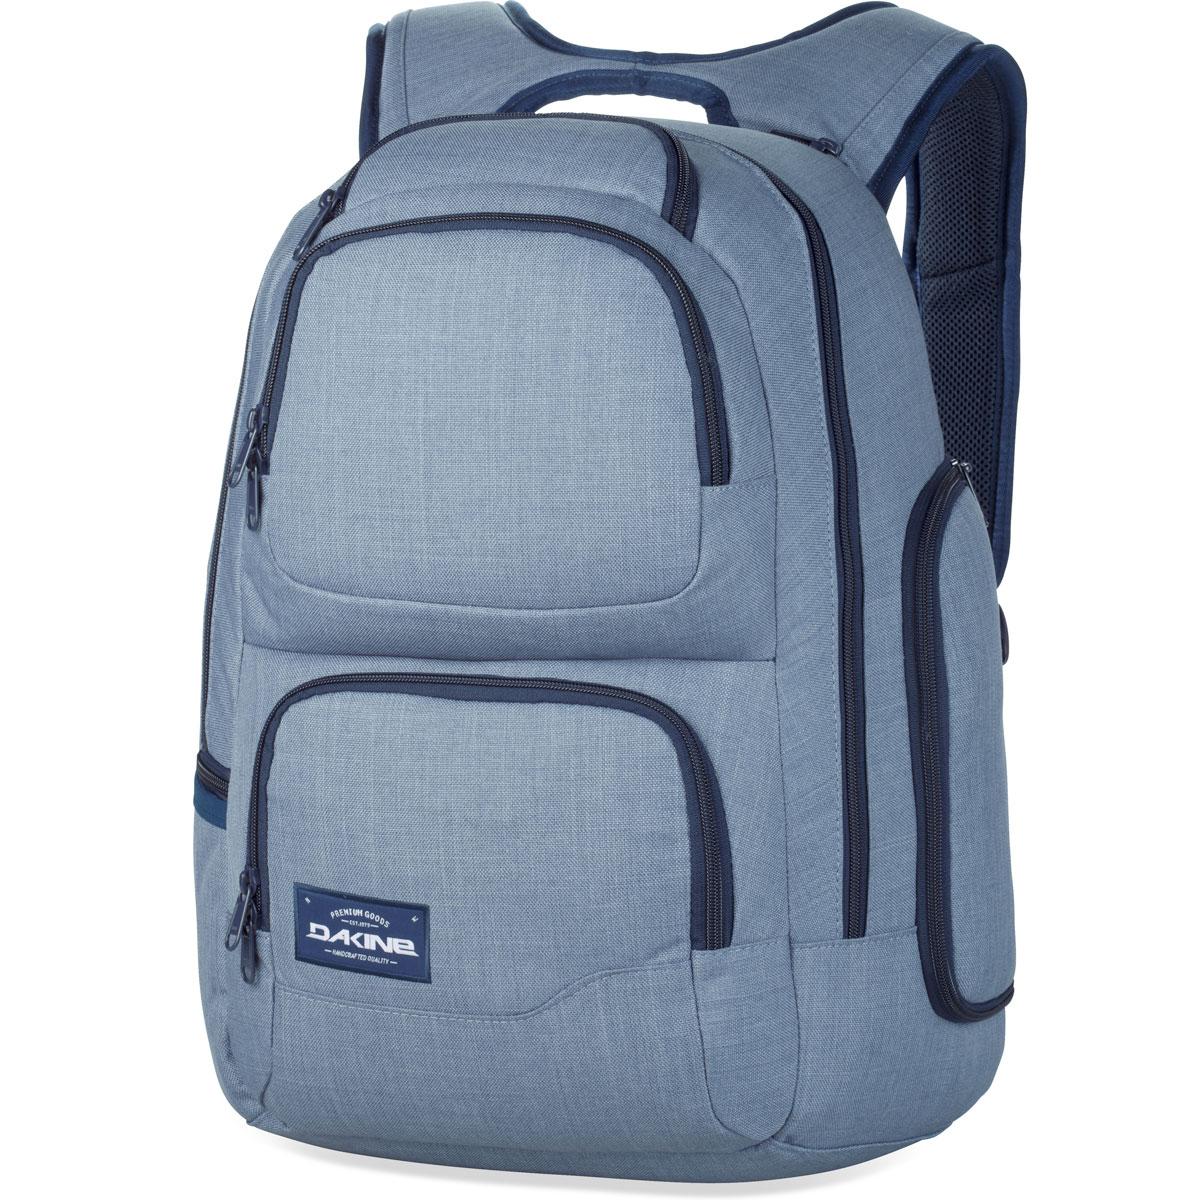 Рюкзак Dakine DK Terminal, цвет: голубой, 31 л8130010Отличный рюкзак Dakine DK Terminal выполнен из прочного полиэстера. Он имеет 2 вместительных отделения на застежке-молнии с двумя бегунками. На передней части расположено 3 кармана на застежке-молнии. По бокам расположено 2 кармана на застежке-молнии, а также карман с сетчатой вставкой. Особенности: Отдельный карман для ноутбука с толстыми мягкими стенками. Подходит для большинства ноутбуков с диагональю экрана 15 Внутренний чехол для документов Задняя стенка и наплечные ремни из дышащего материала DriMesh Потайной карман на задней стенке Карман для бутылки с водой Карман на флисовой подкладке.